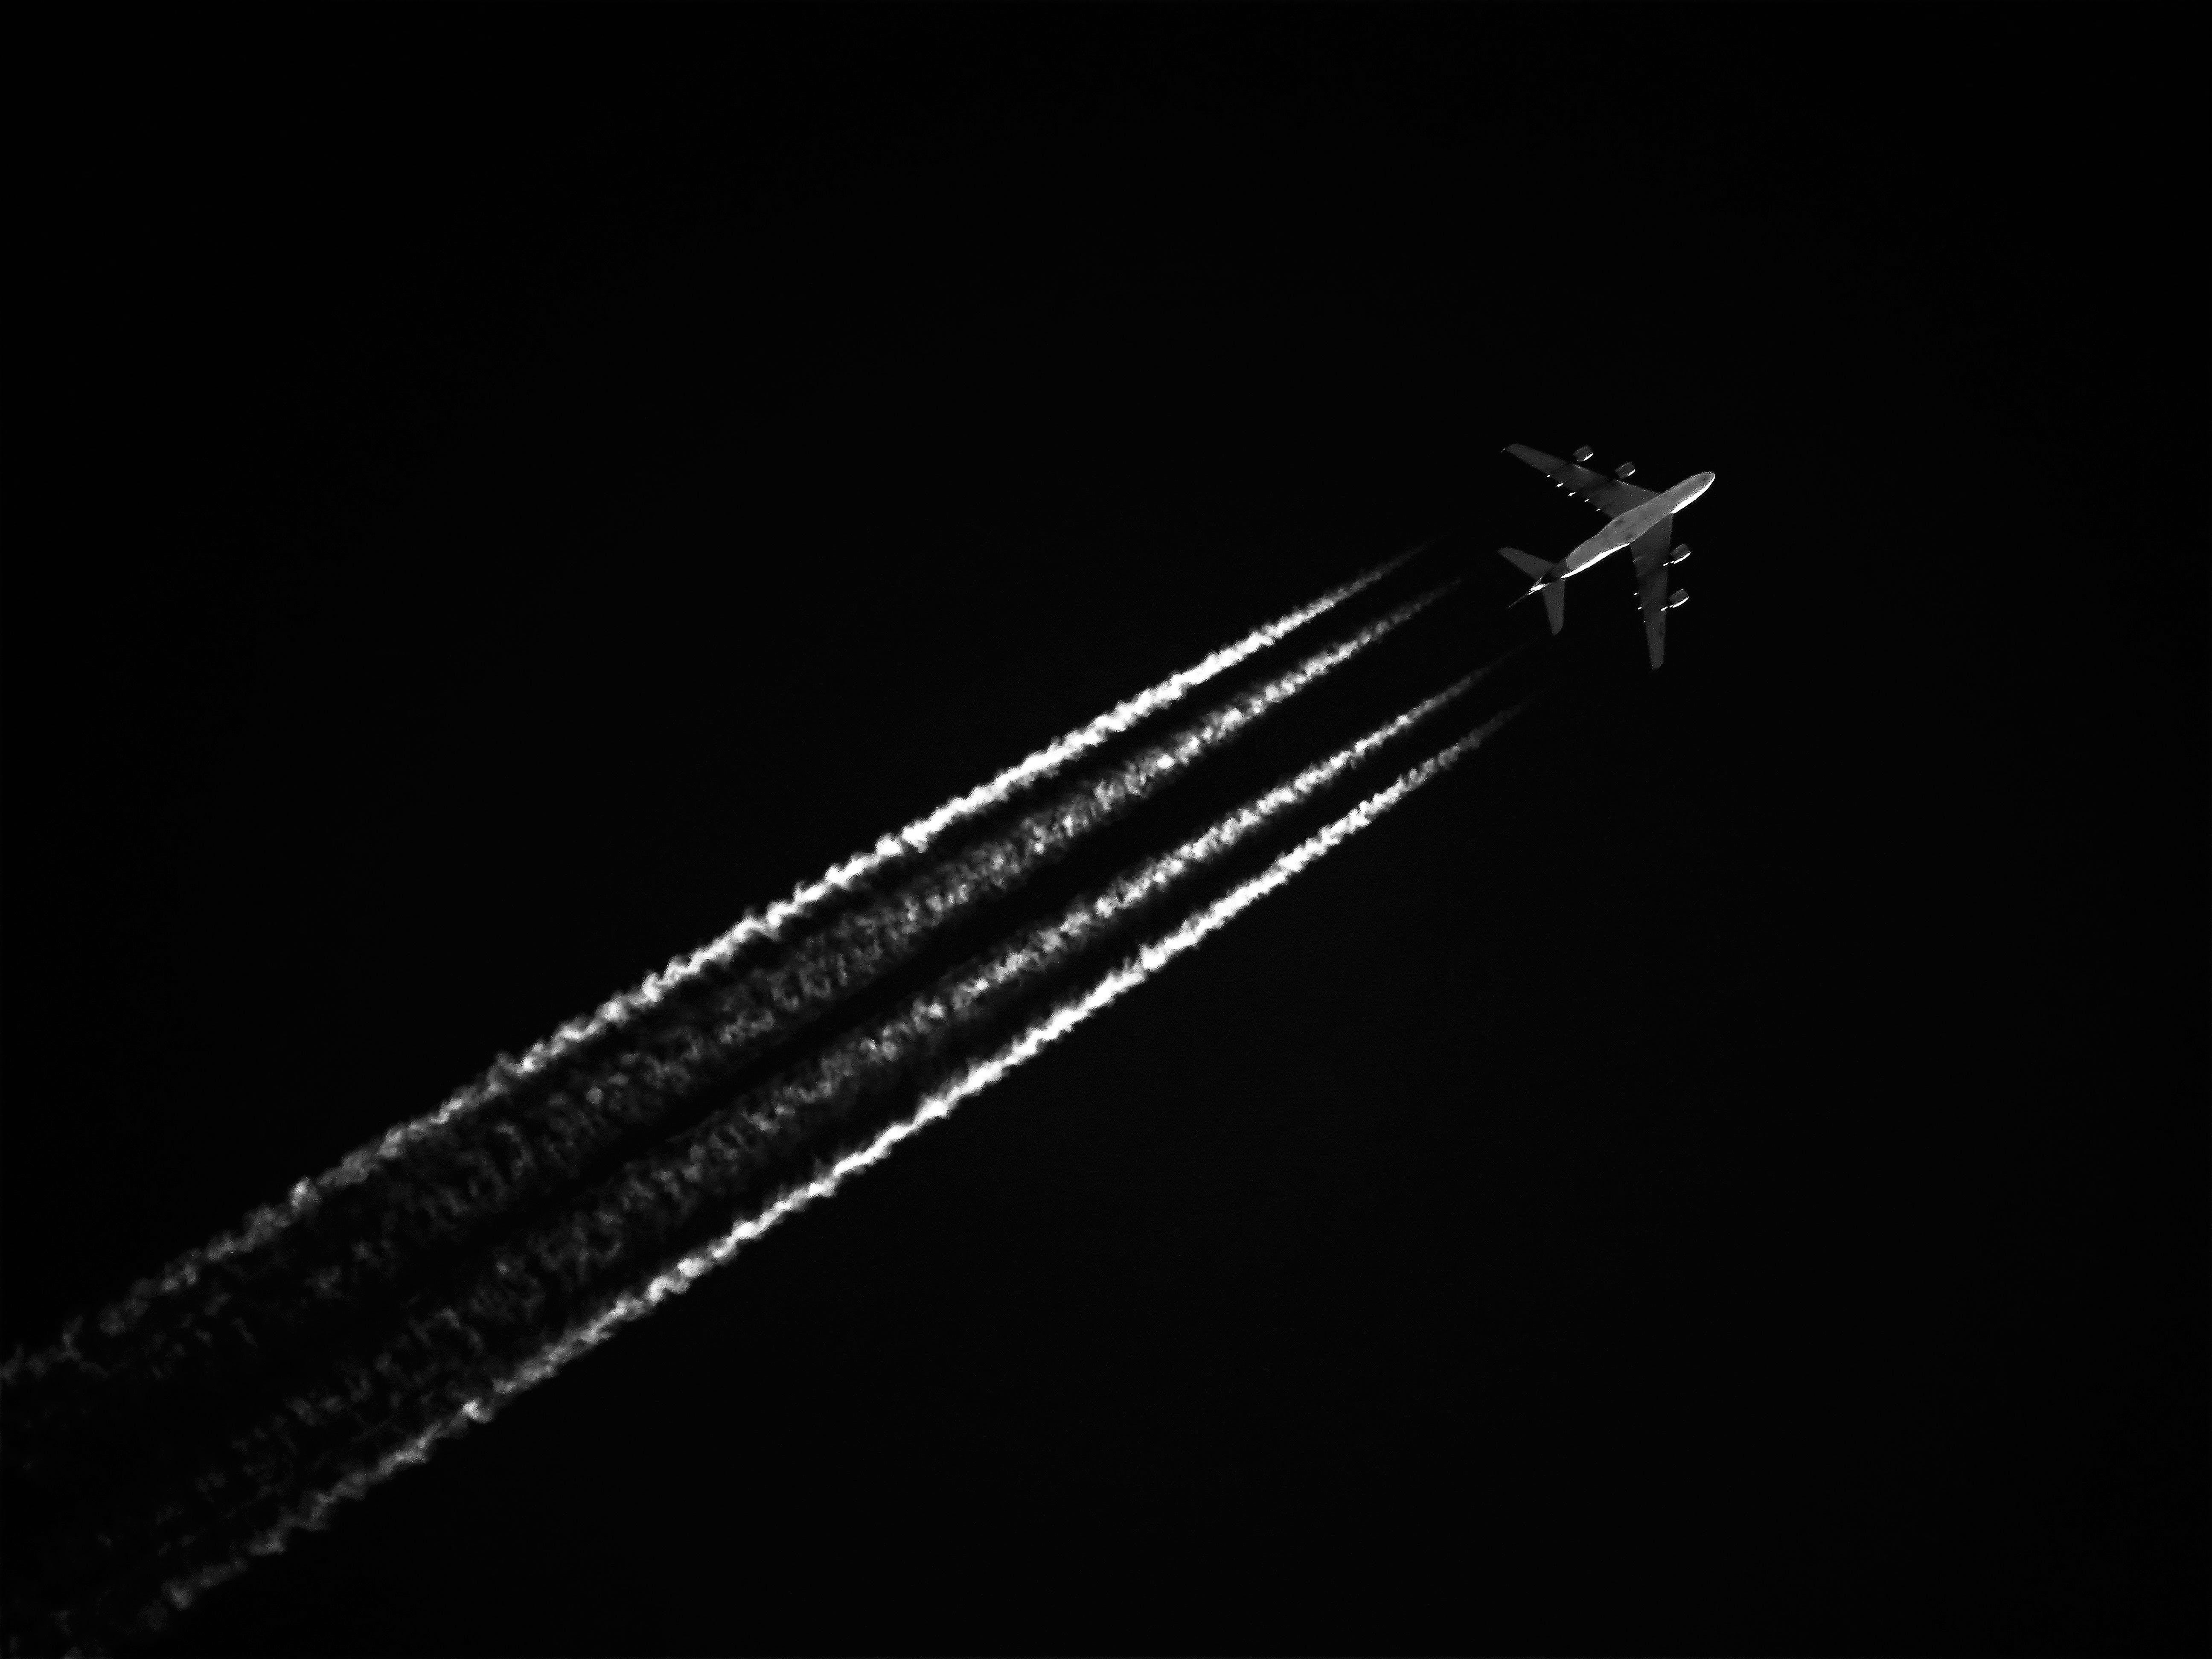 블랙 앤 화이트, 비행, 비행기, 비행운의 무료 스톡 사진